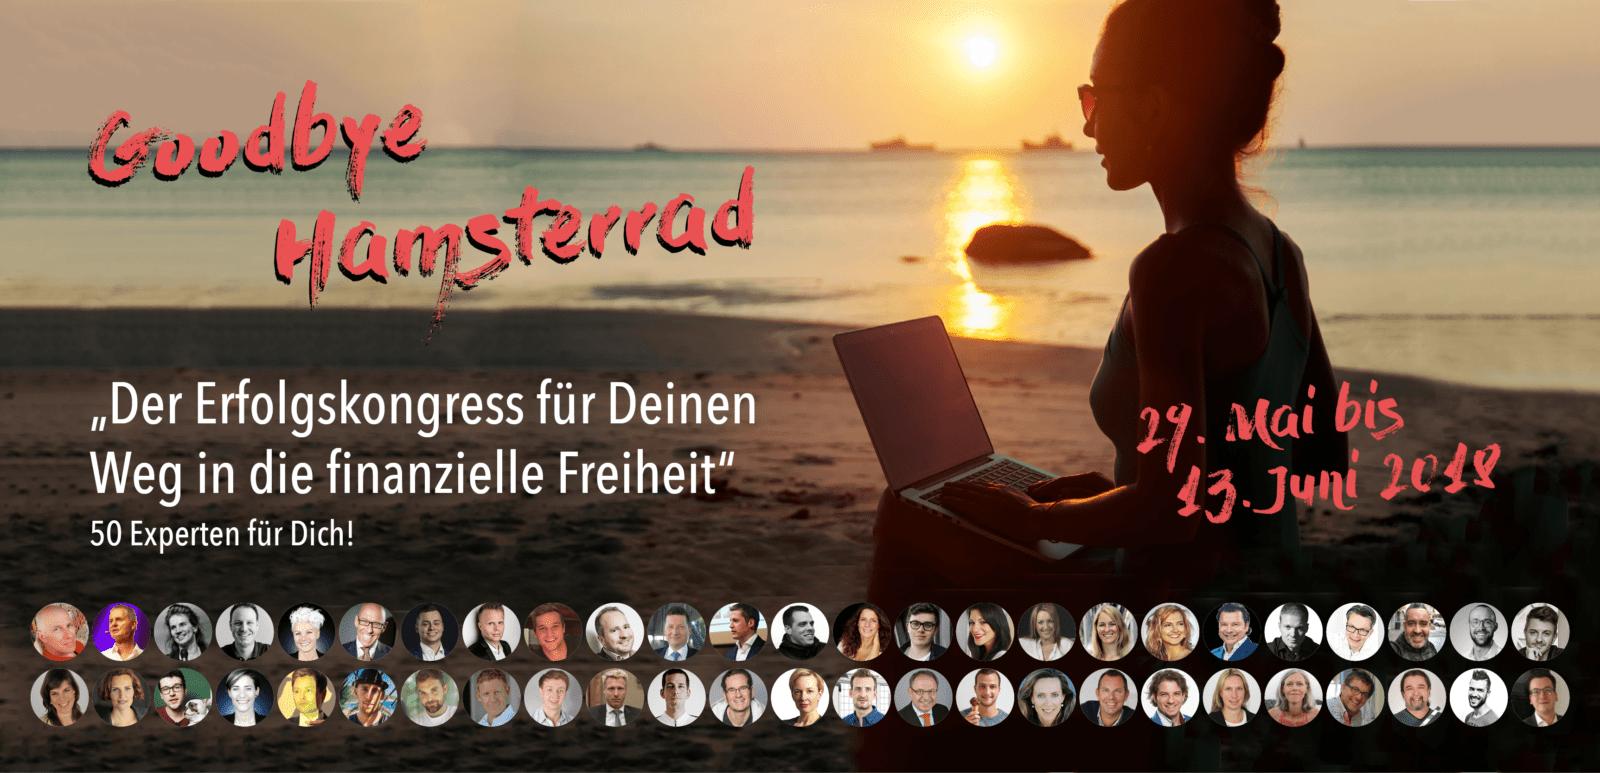 Empfehlung Online Kongresse und Events-Juni 2018-Goodbye Hamsterrad